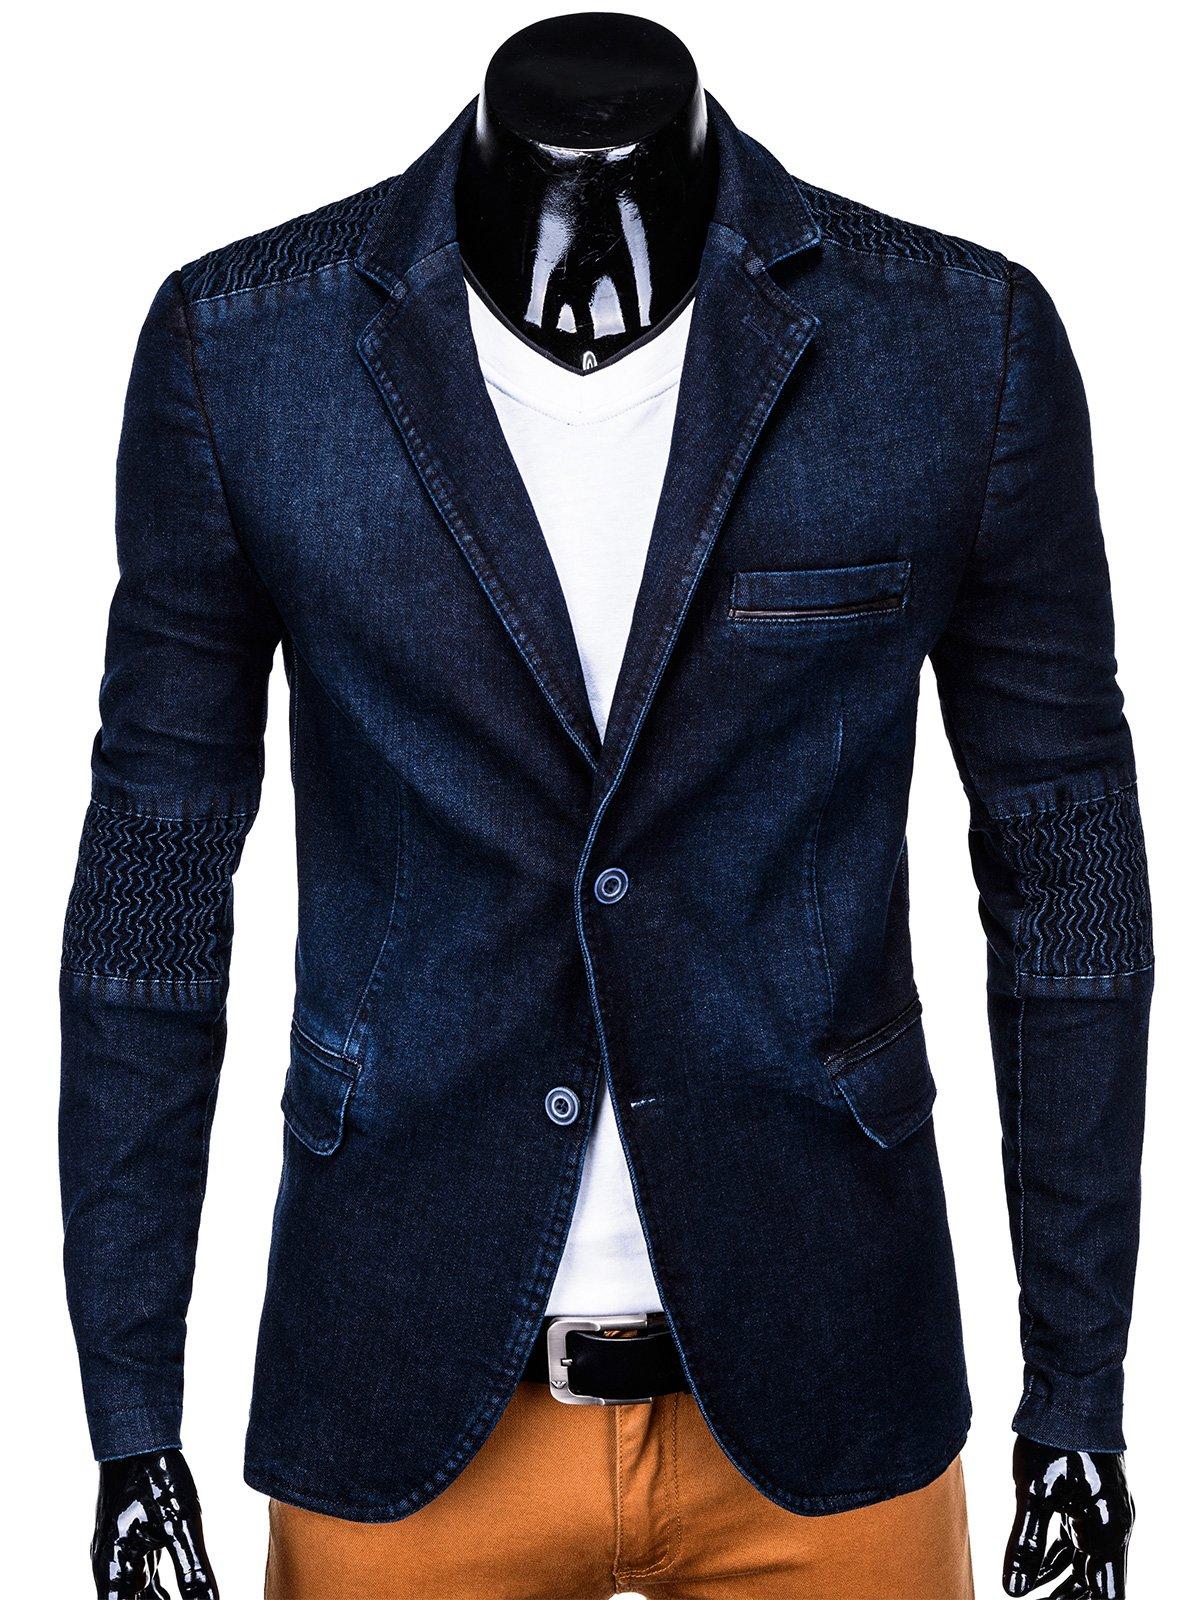 7ef35cd5f8d38 Marynarka męska 116M - ciemna jeansowa | Odzież \ Marynarki - Edoti.com